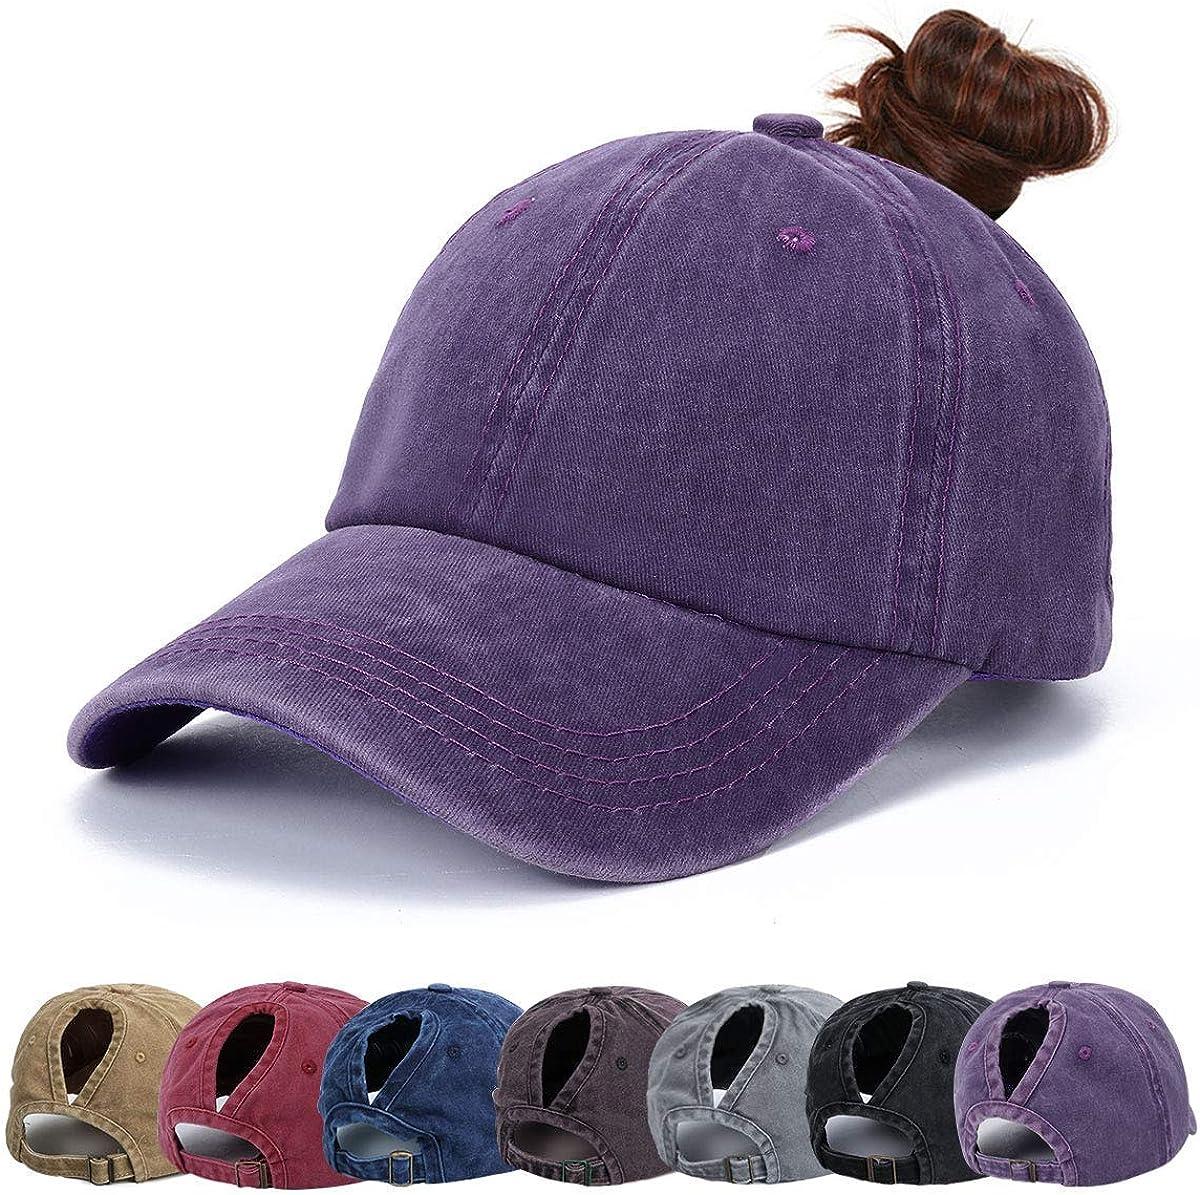 Walea Baseball Cap Ponytail Cap Washed Vintage Hat Adjustable Retro Unisex Cap